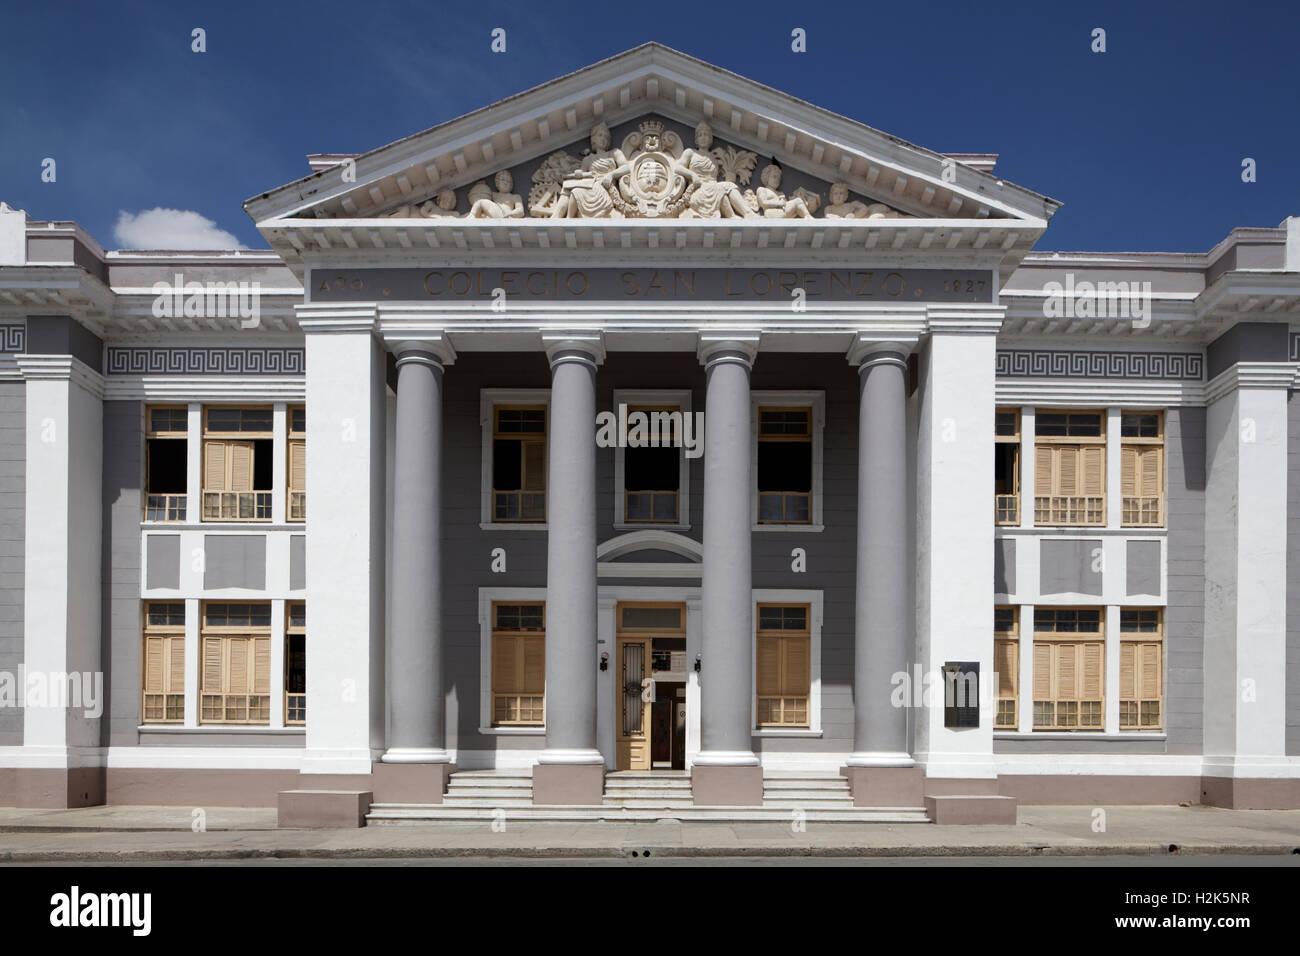 University, Colegio San Lorenzo, historic city centre, Cienfuegos, Cienfuegos Province, Cuba - Stock Image